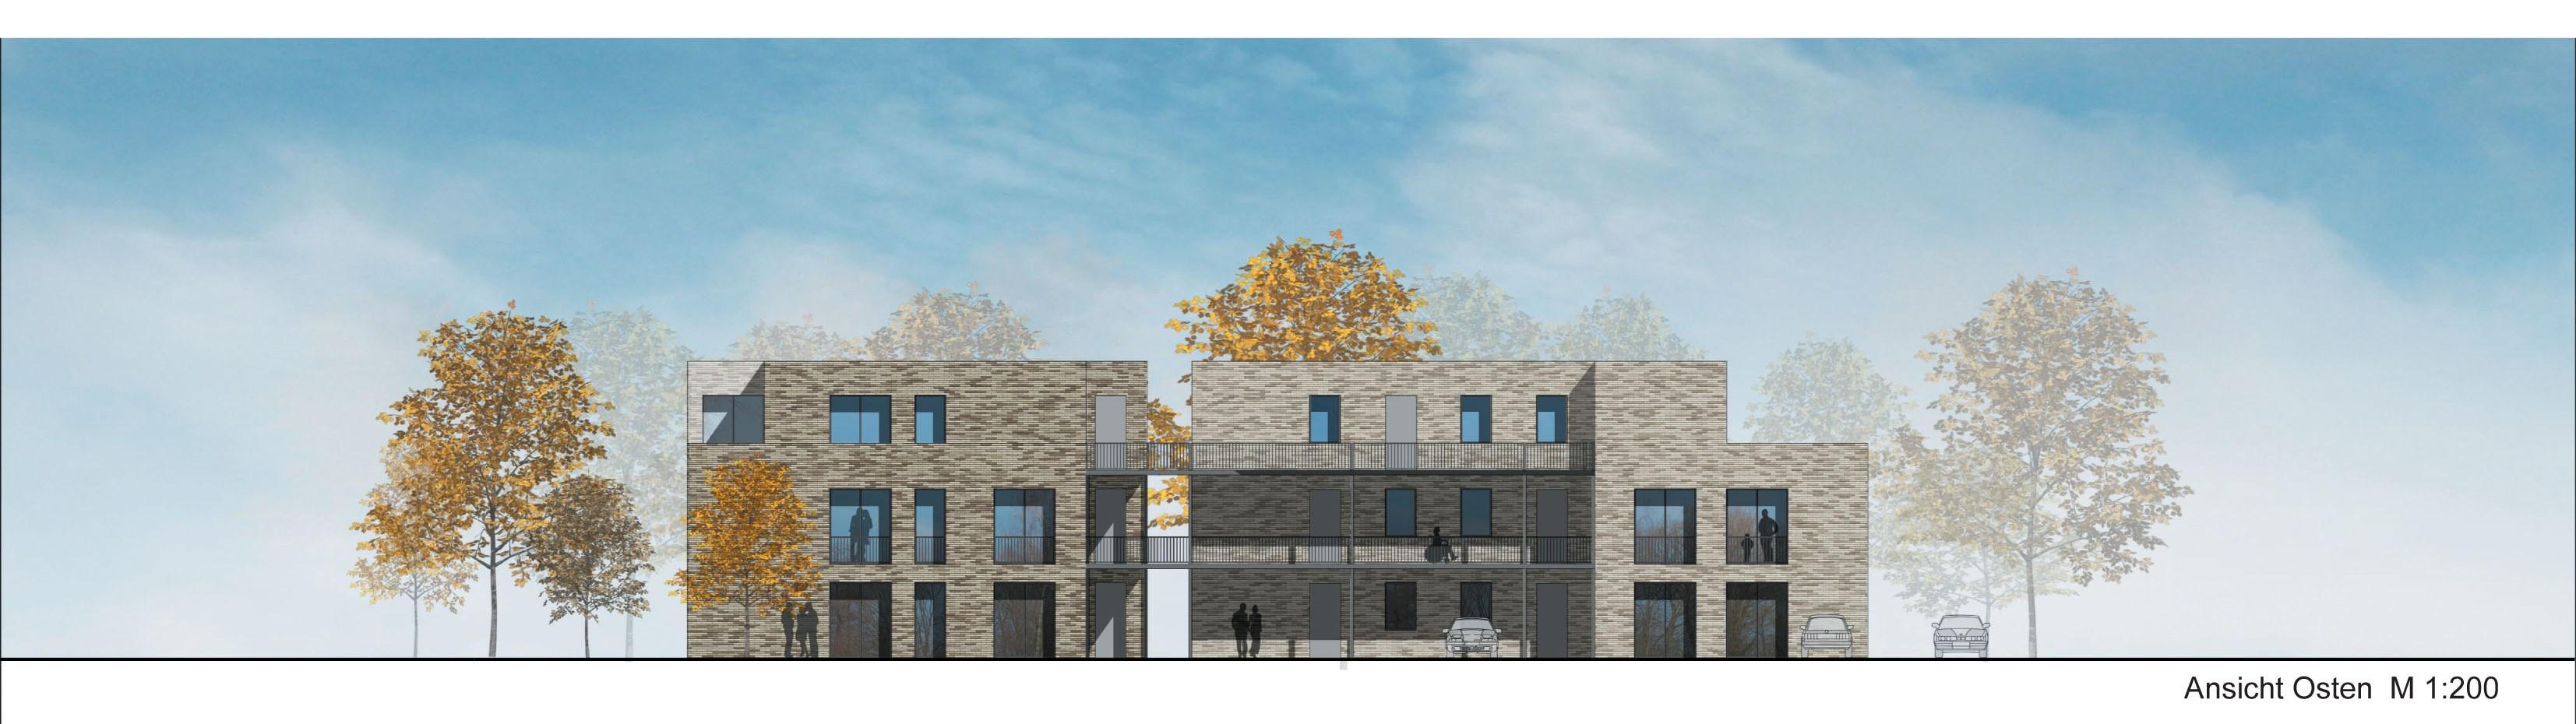 Ansicht Architektur ansichten wohnprojekt wohnprojekt haus an den auen